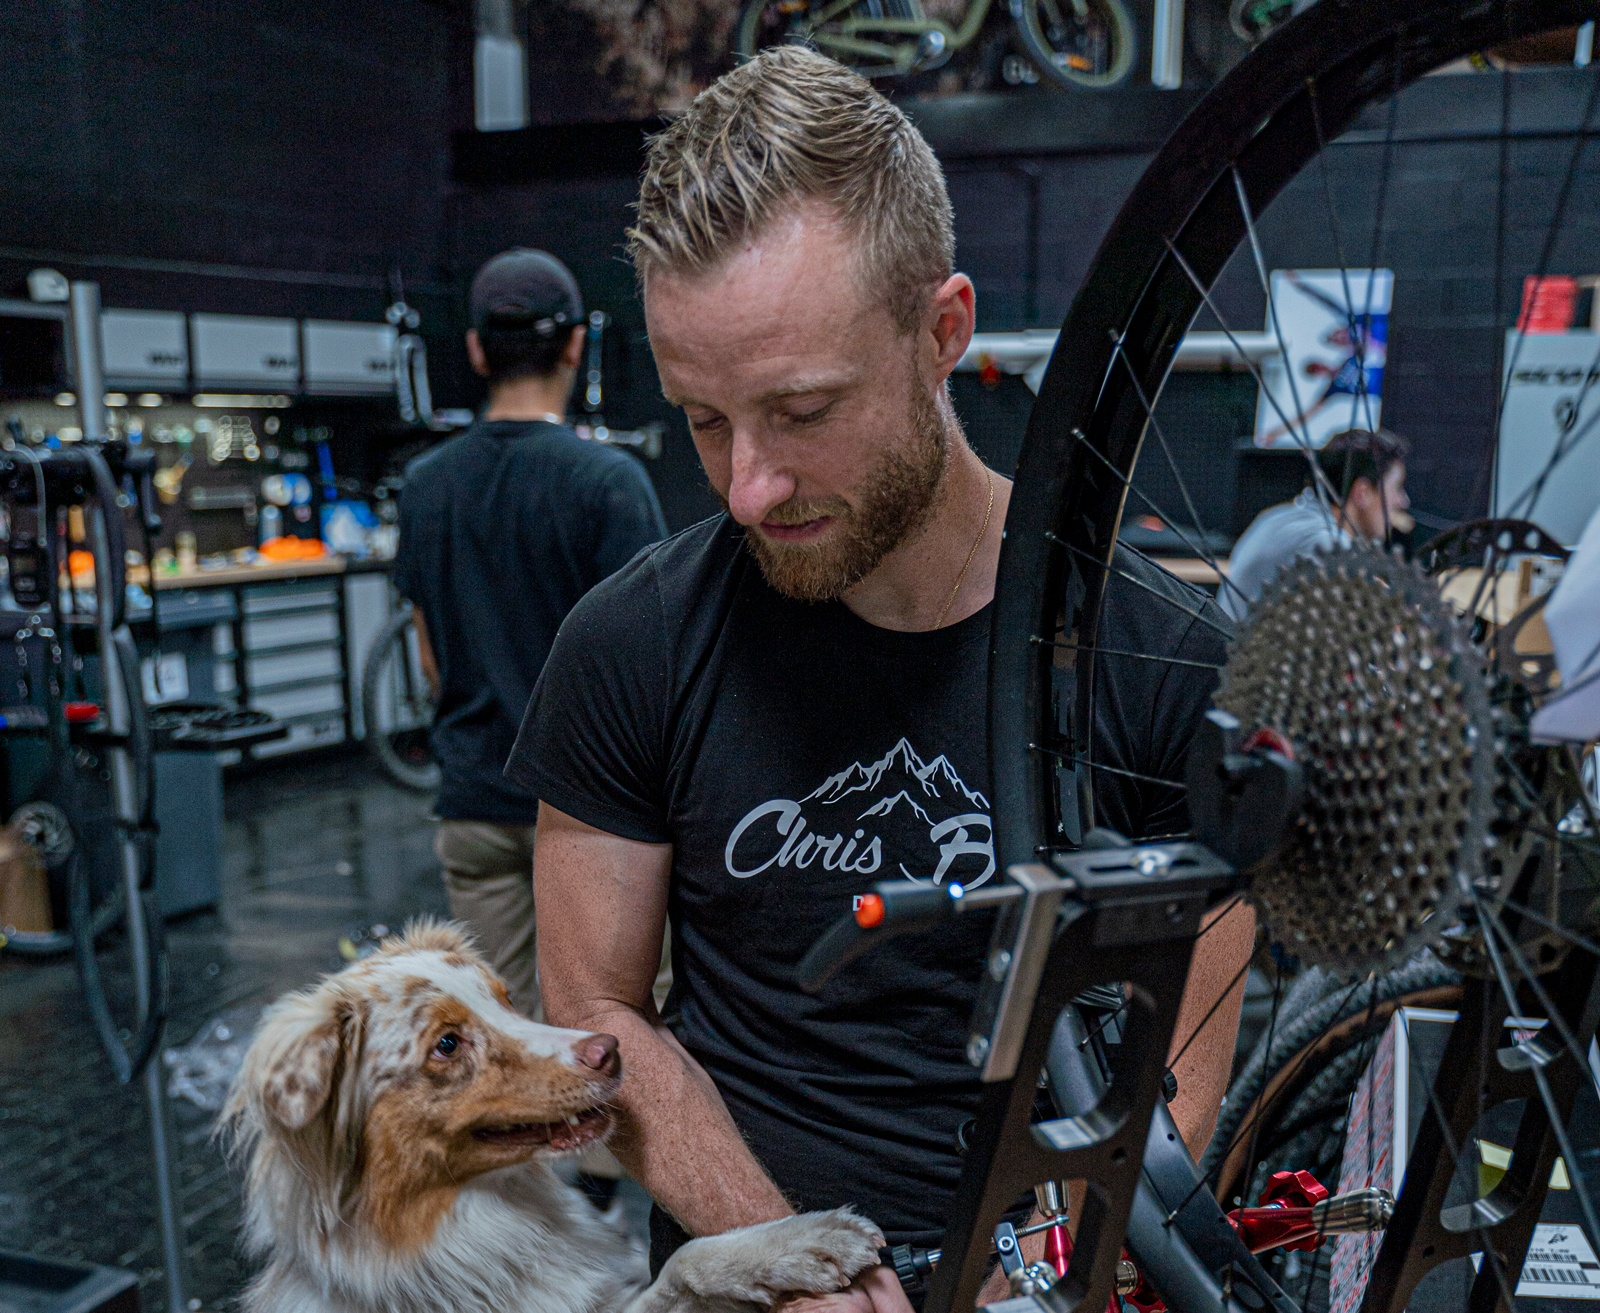 Christopher Wooldridge, le docteur vélo et mister bike de Dijon